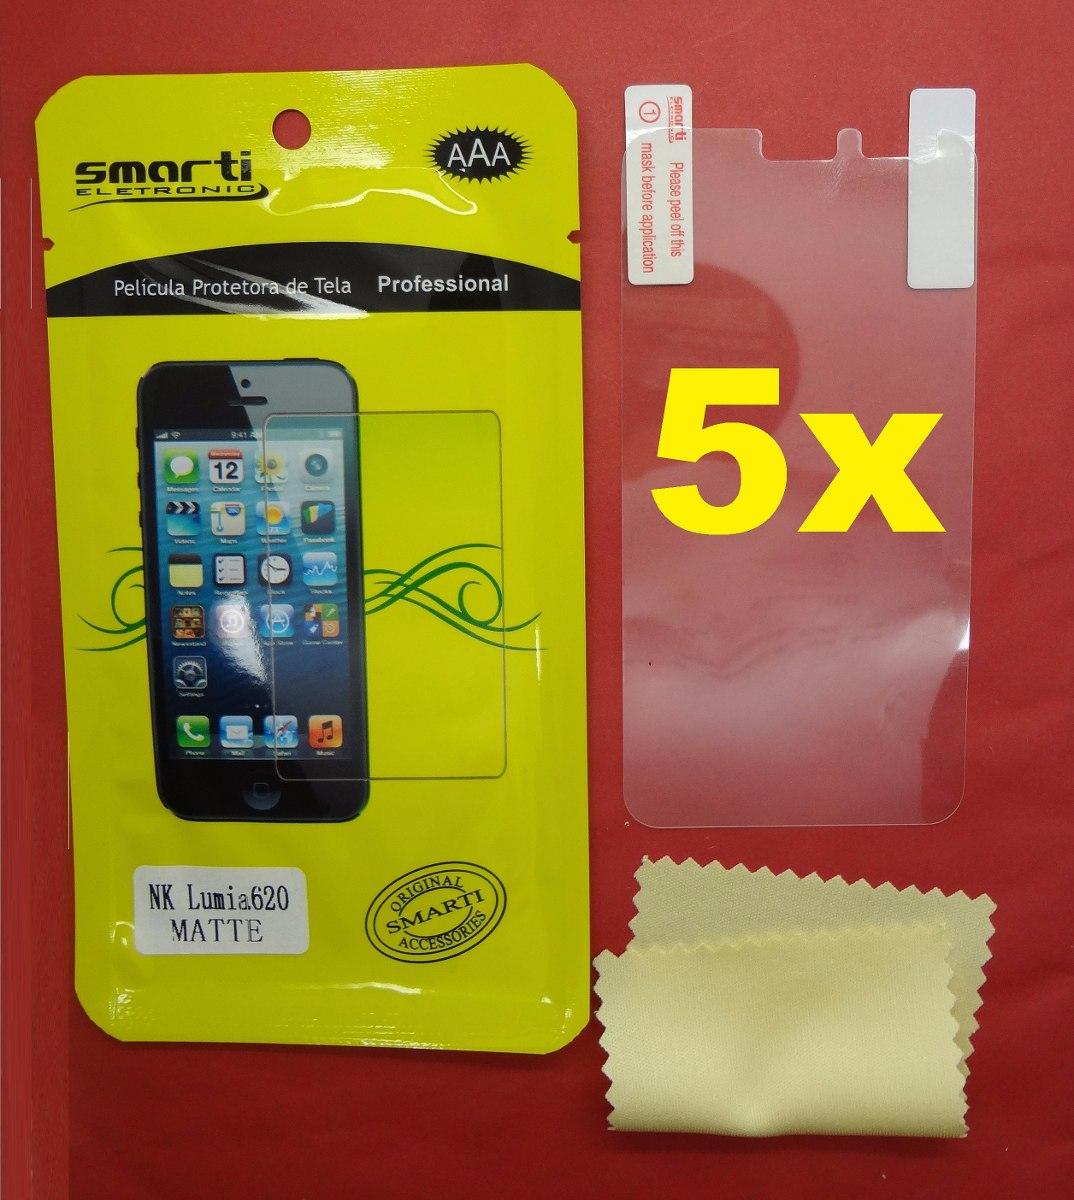 Lote Atacado 5x Pelicula Smarti Fosca Nokia Lumia 620 R 600 Em Magenta Carregando Zoom